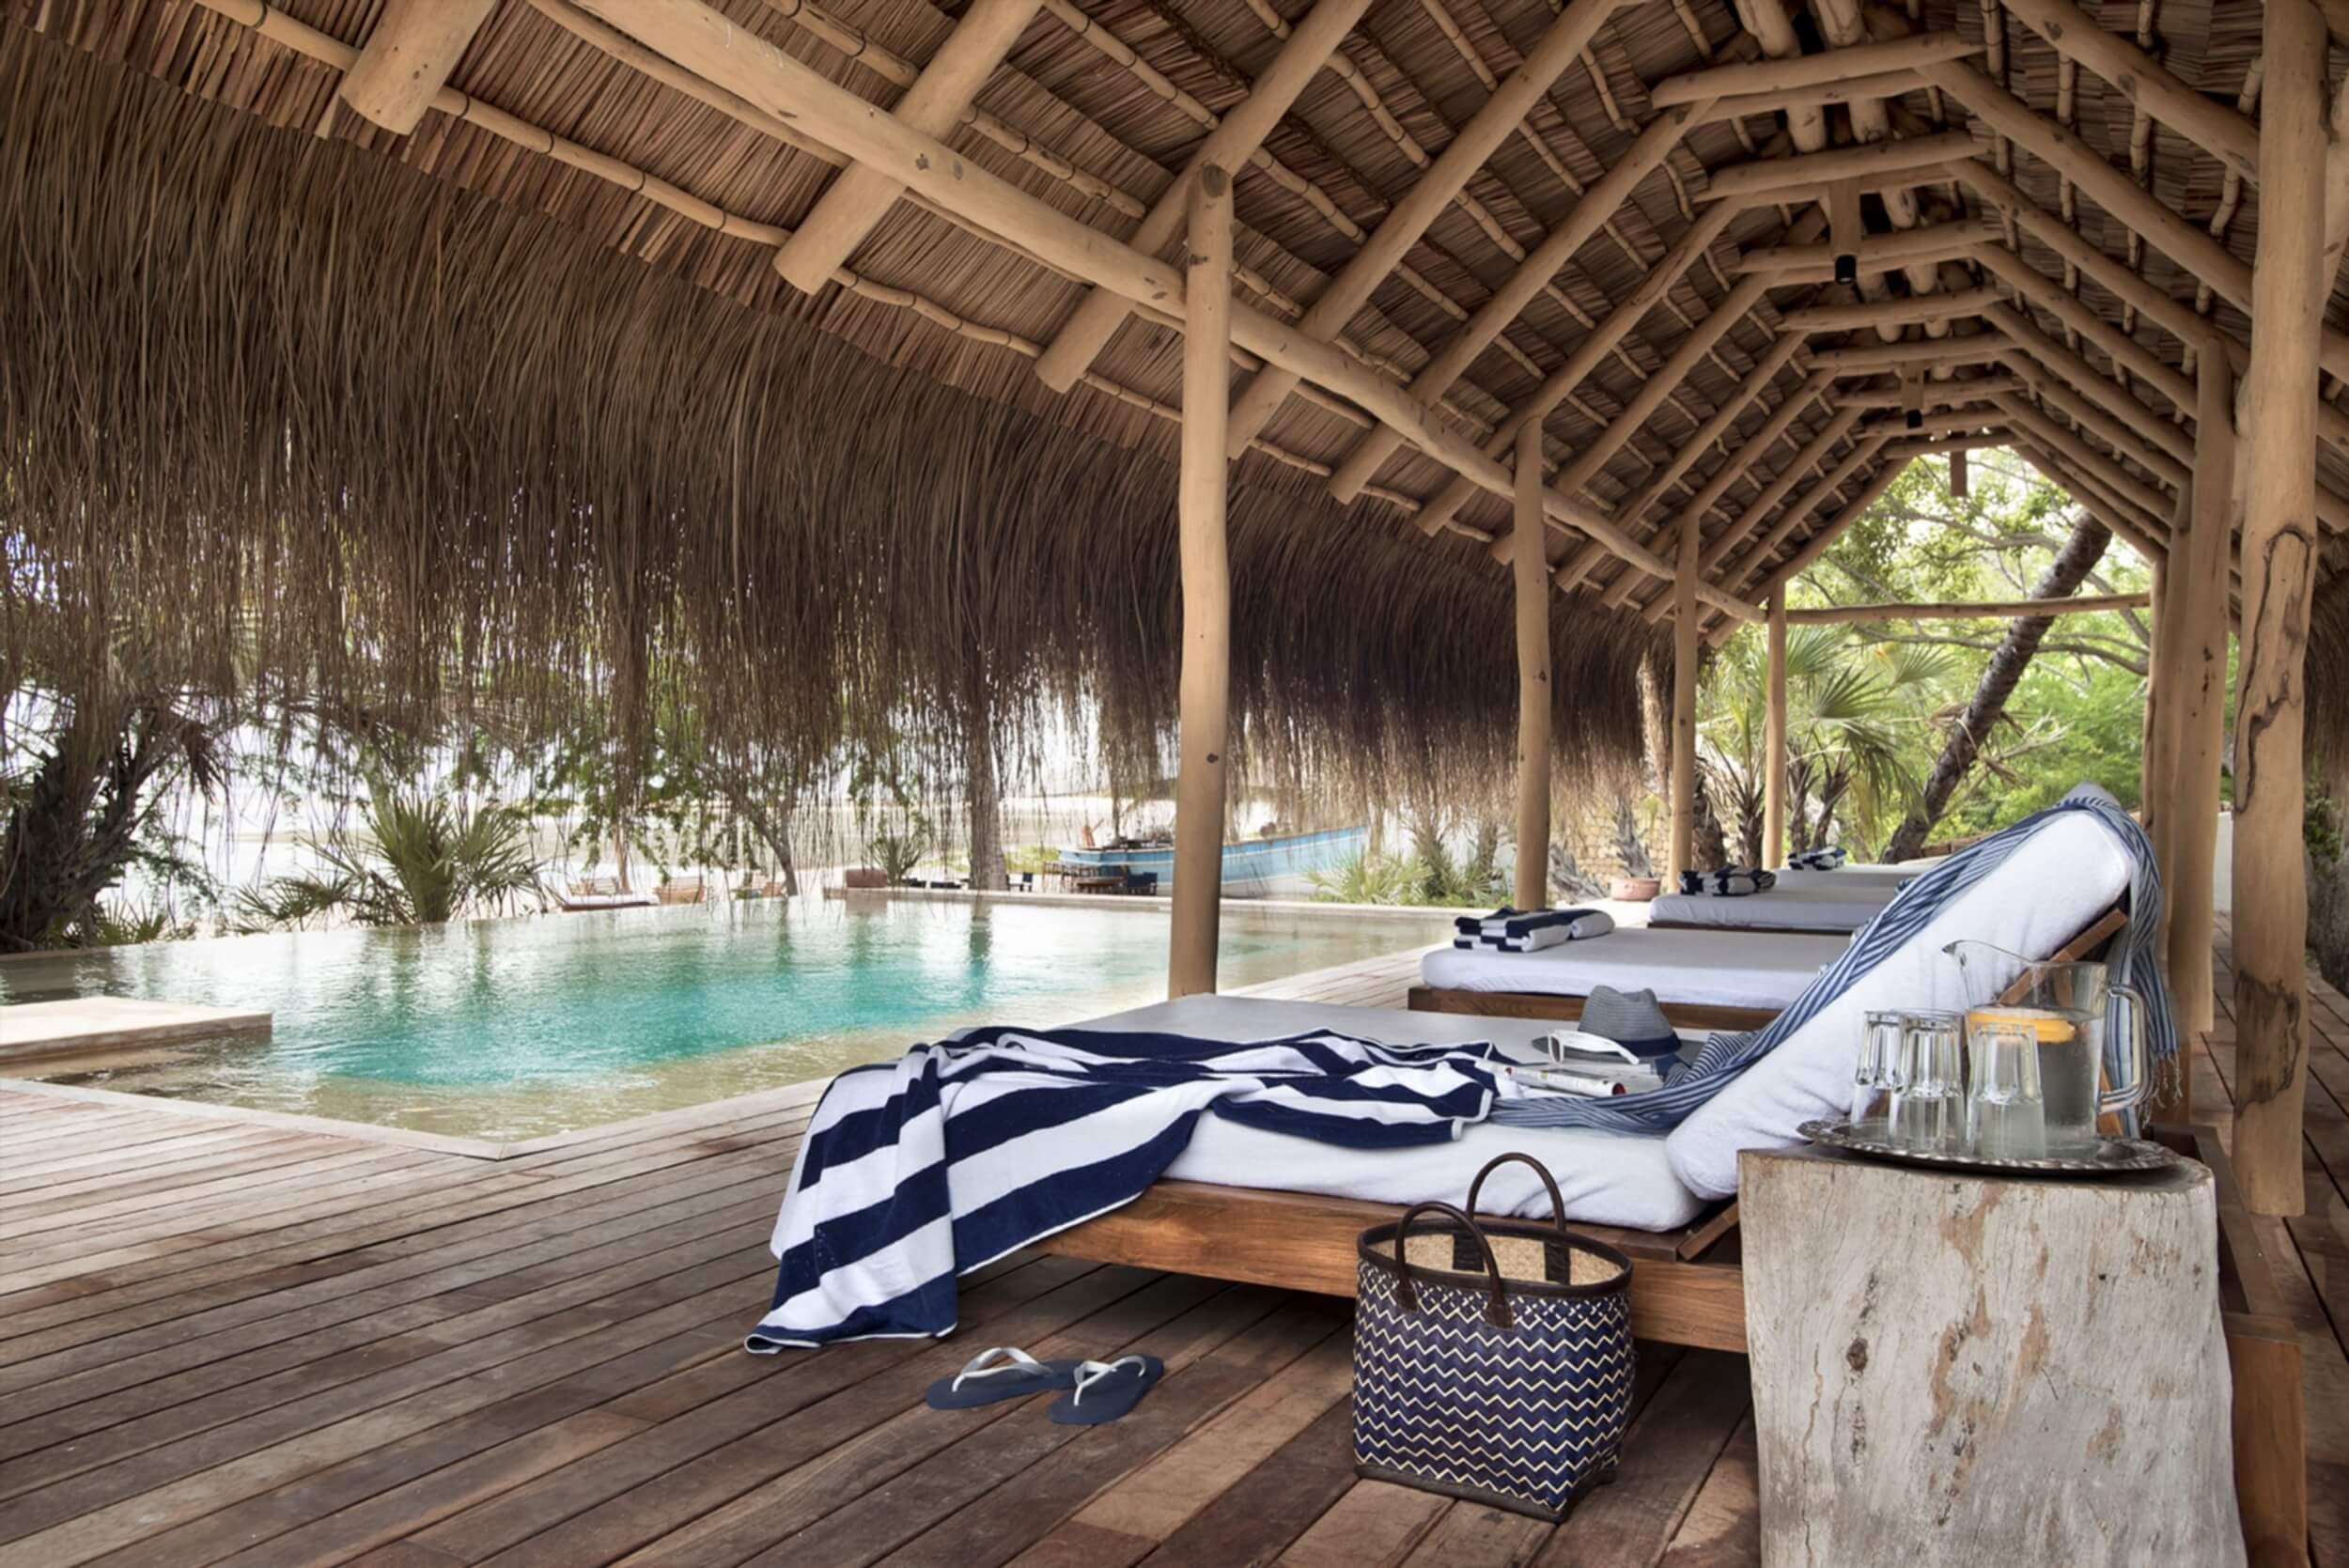 Benguerra-Island-Lodge-Pool-1.jpg